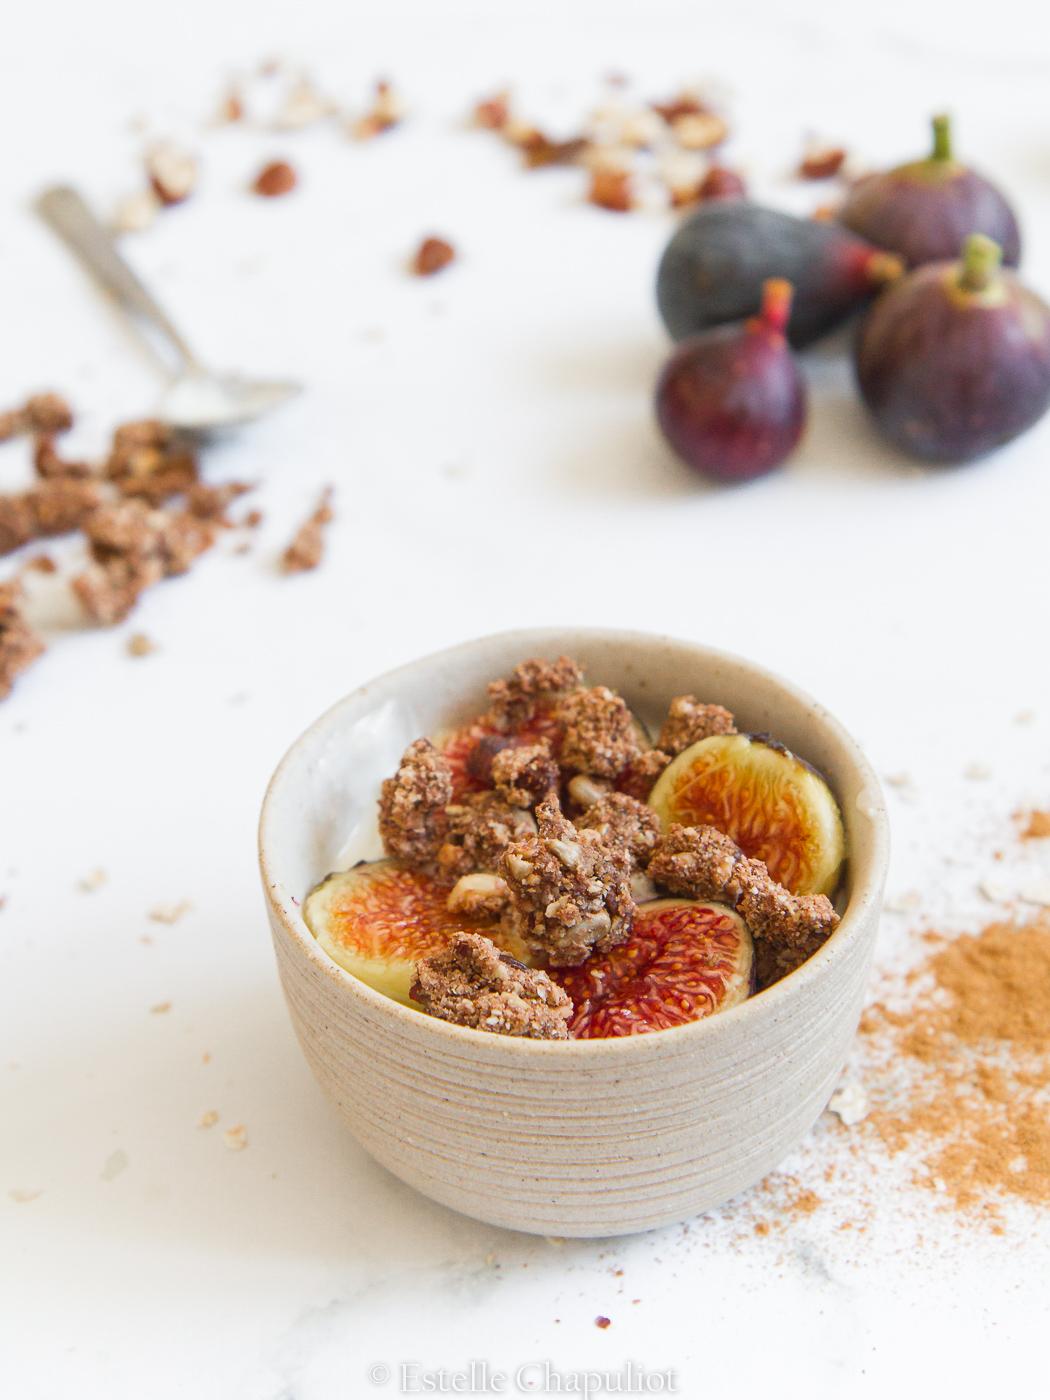 Petit déjeuner : granola sarrasin-raisins-noisettes, yaourt de soja, figues fraîches